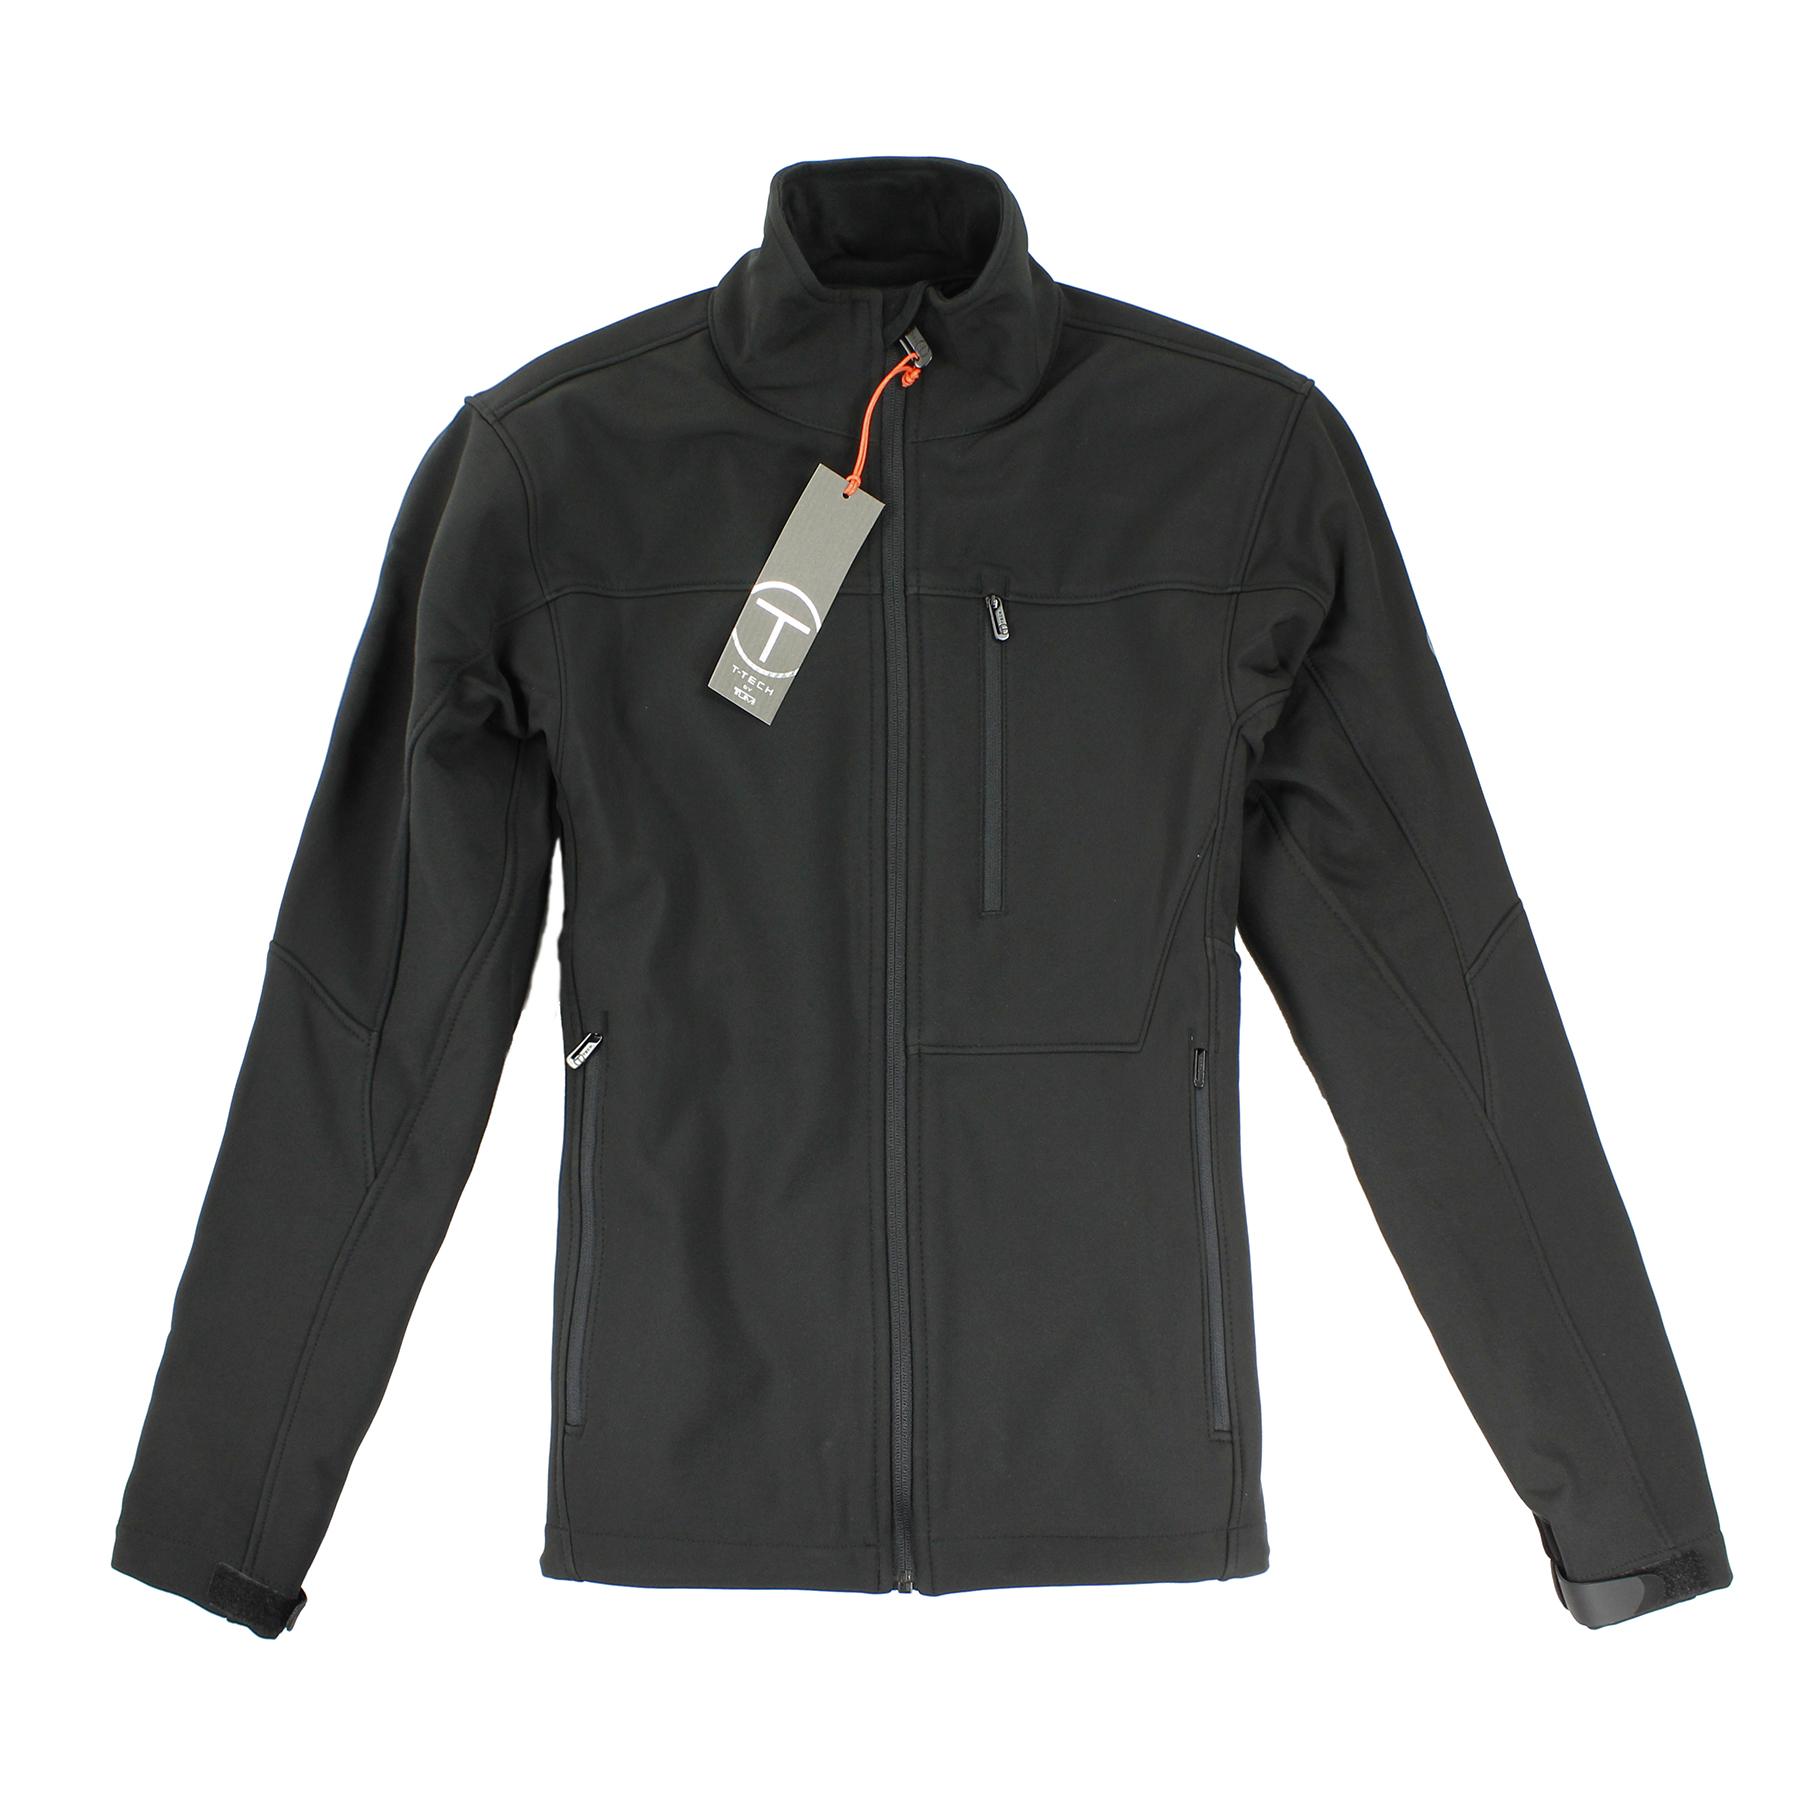 美國百分百【全新真品】Tumi 外套 立領 T-tech 防水 防風 軟殼 鋪棉 刷毛 黑 S M L XL E352